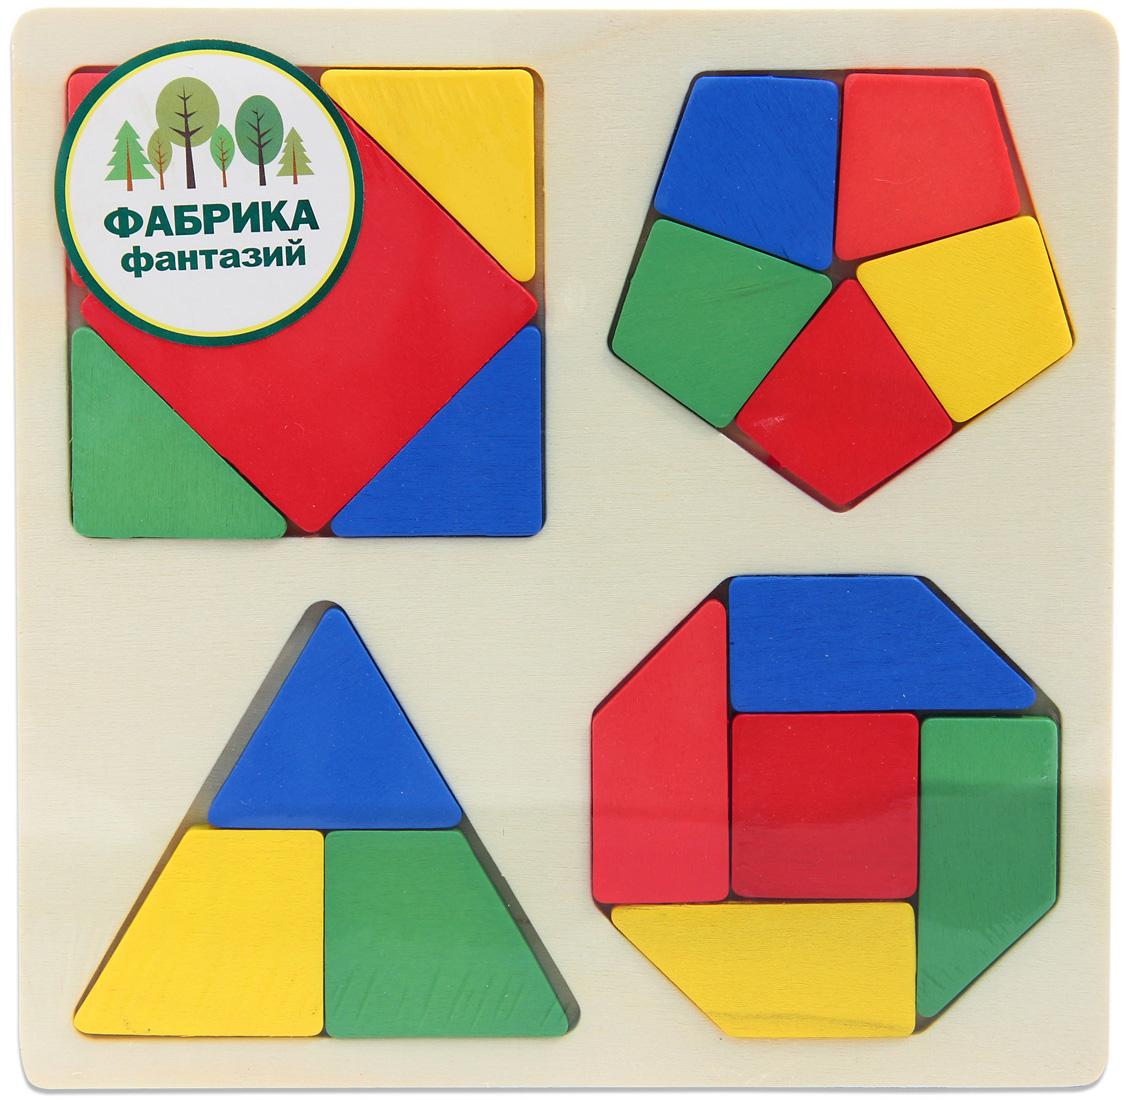 Деревянная игрушка Фабрика Фантазий Фигуры на квадратной основе